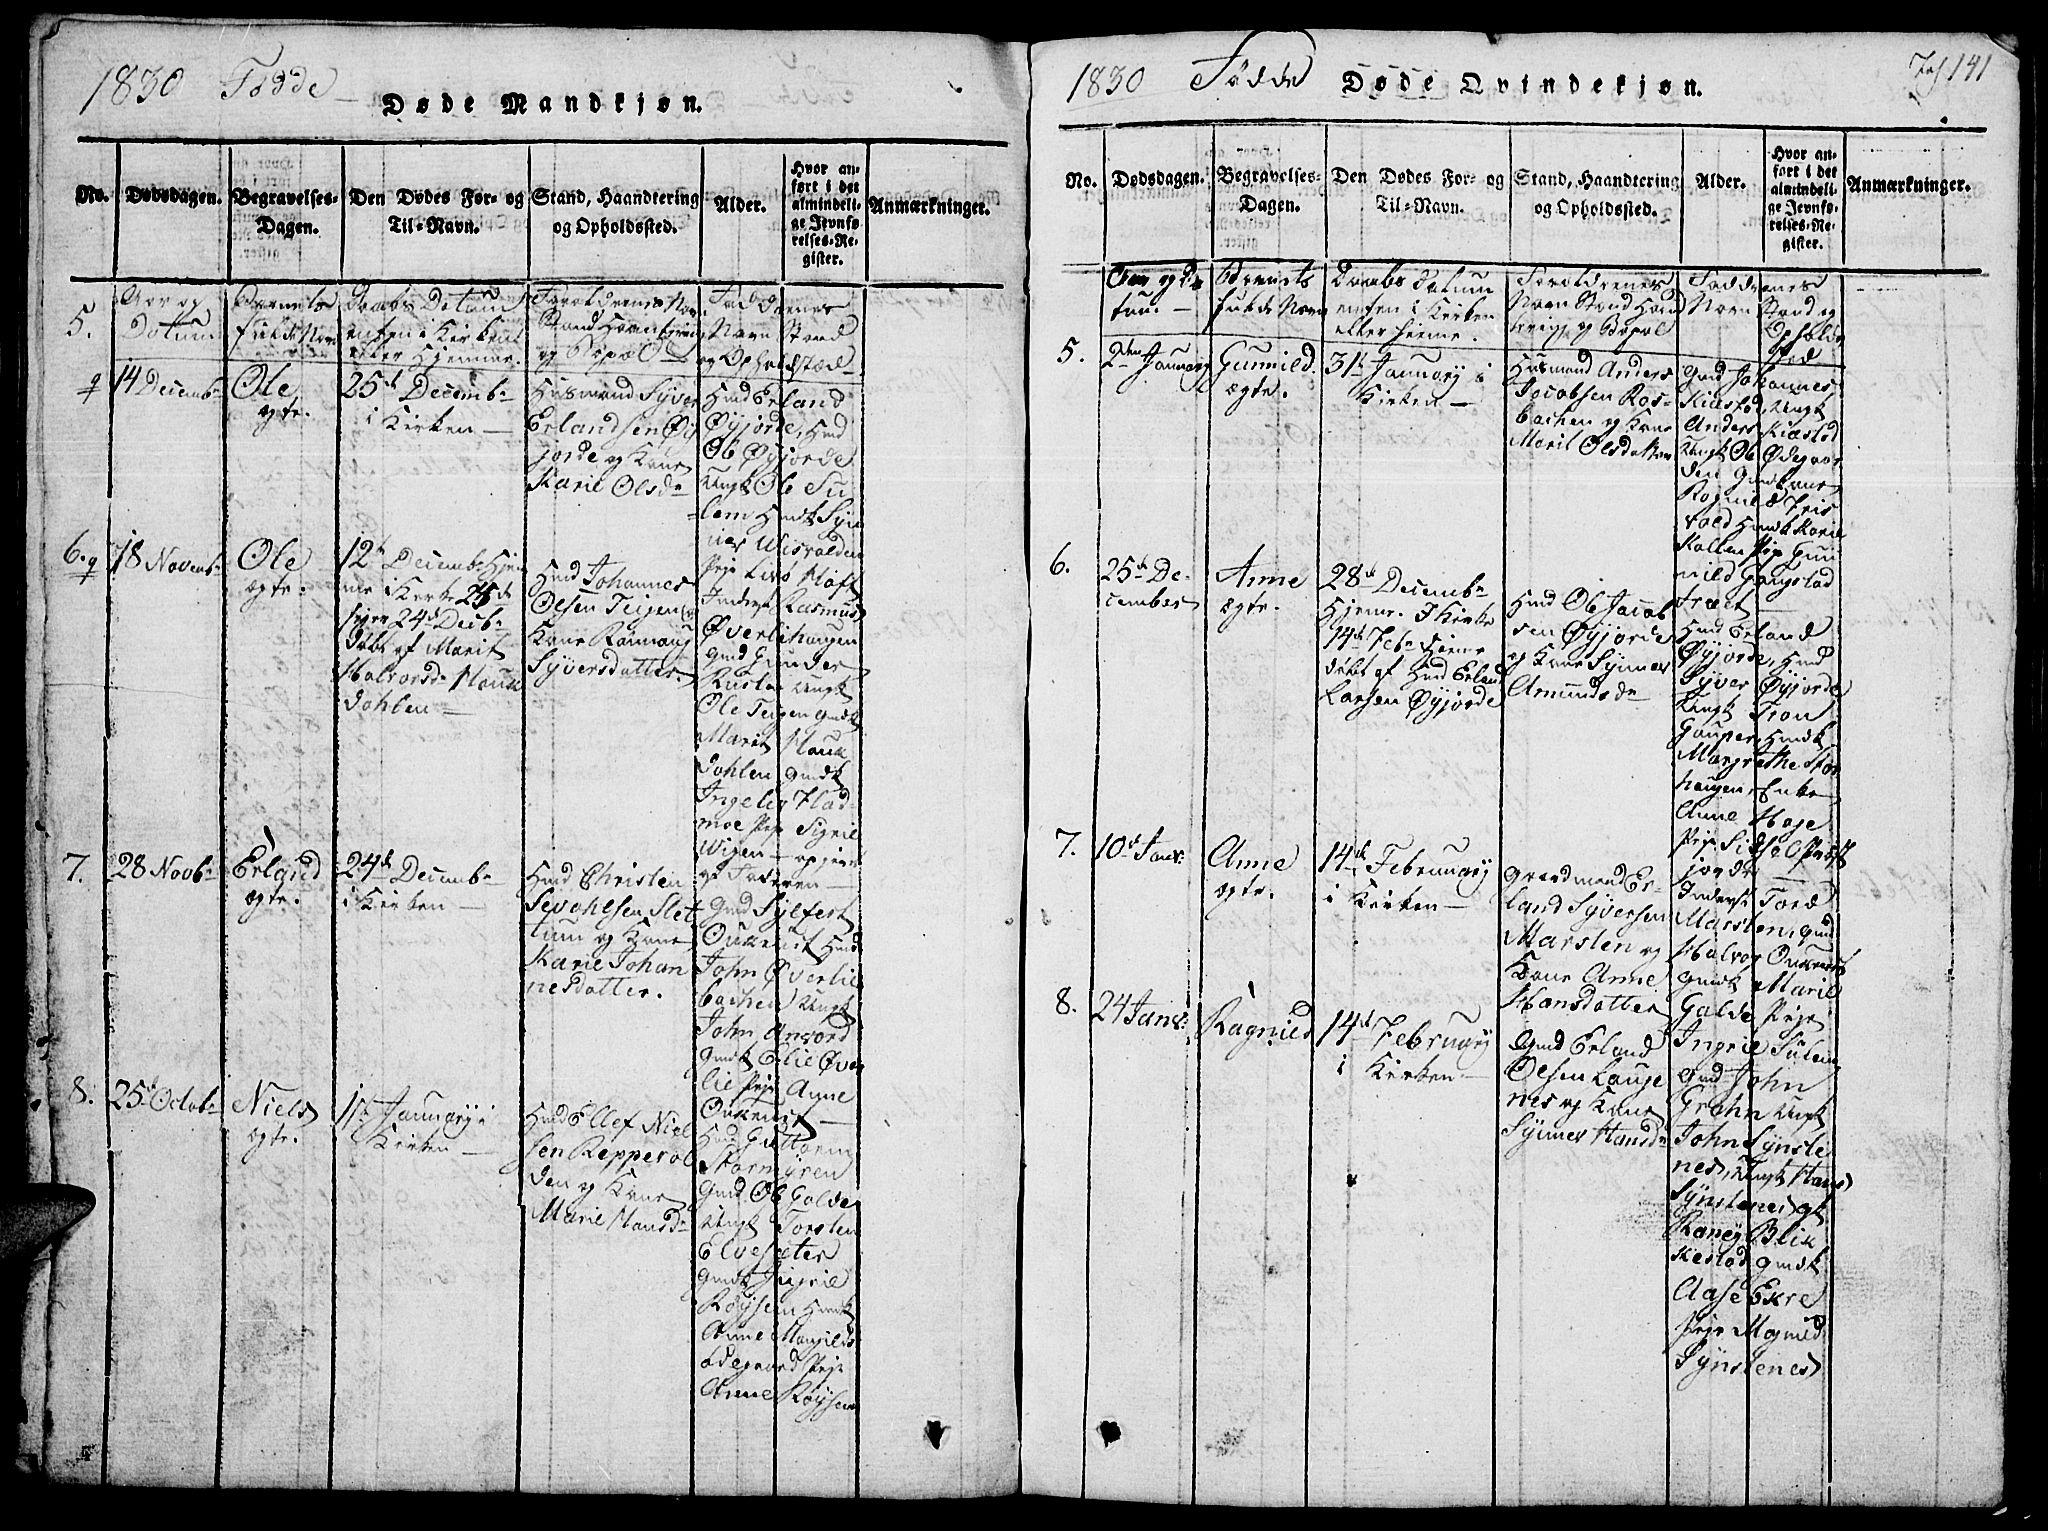 SAH, Lom prestekontor, L/L0001: Klokkerbok nr. 1, 1815-1836, s. 141